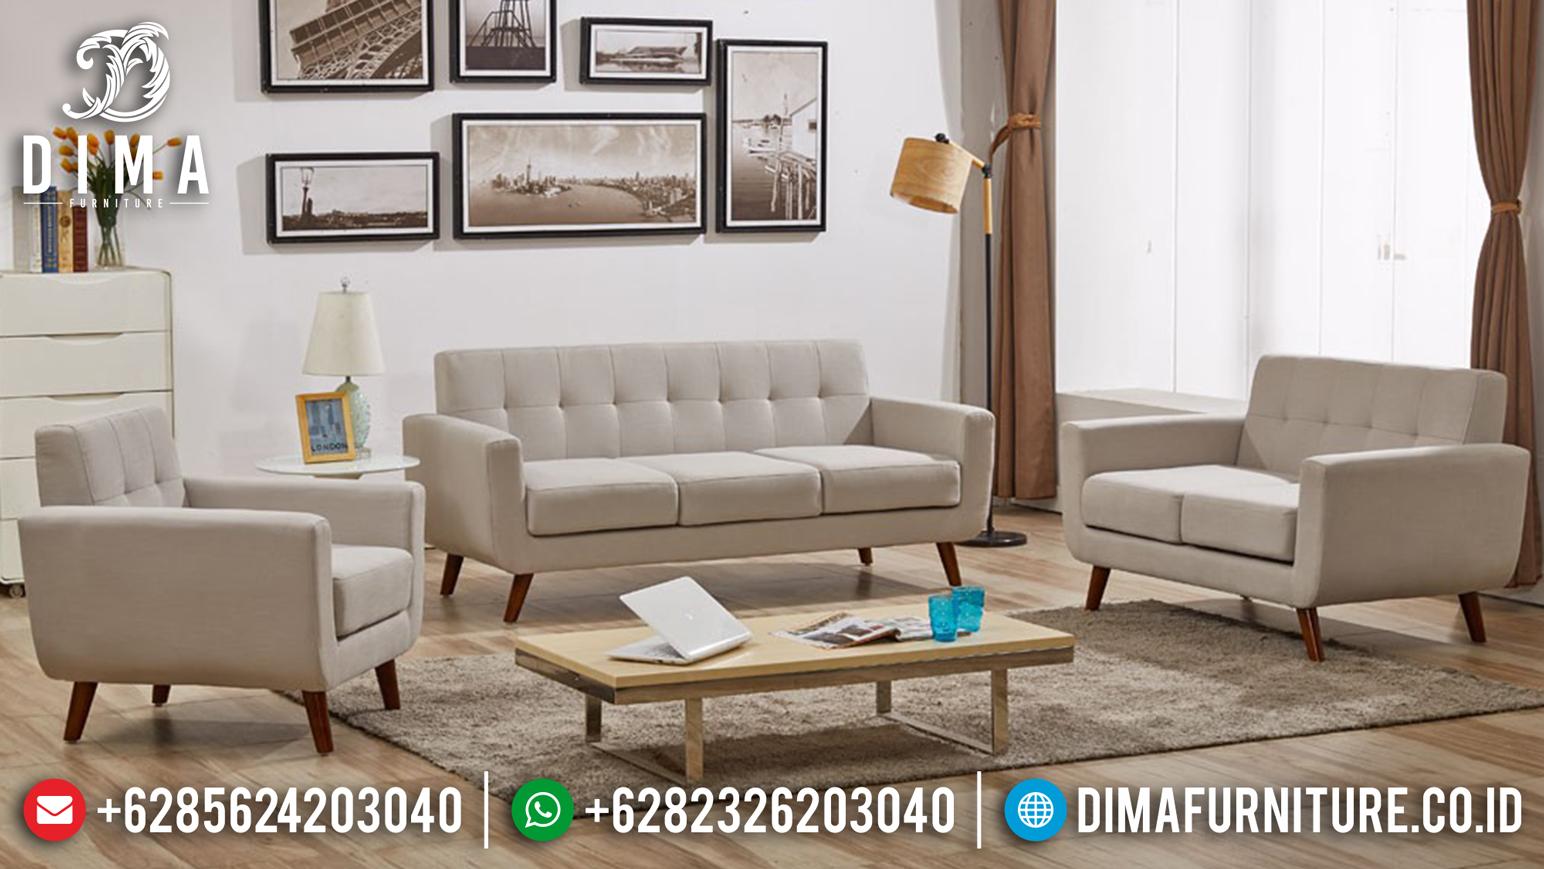 Sofa Tamu Minimalis Jepara, Sofa Modern Murah, Mebel Jepara Terbaru DF-0656 Gambar 1